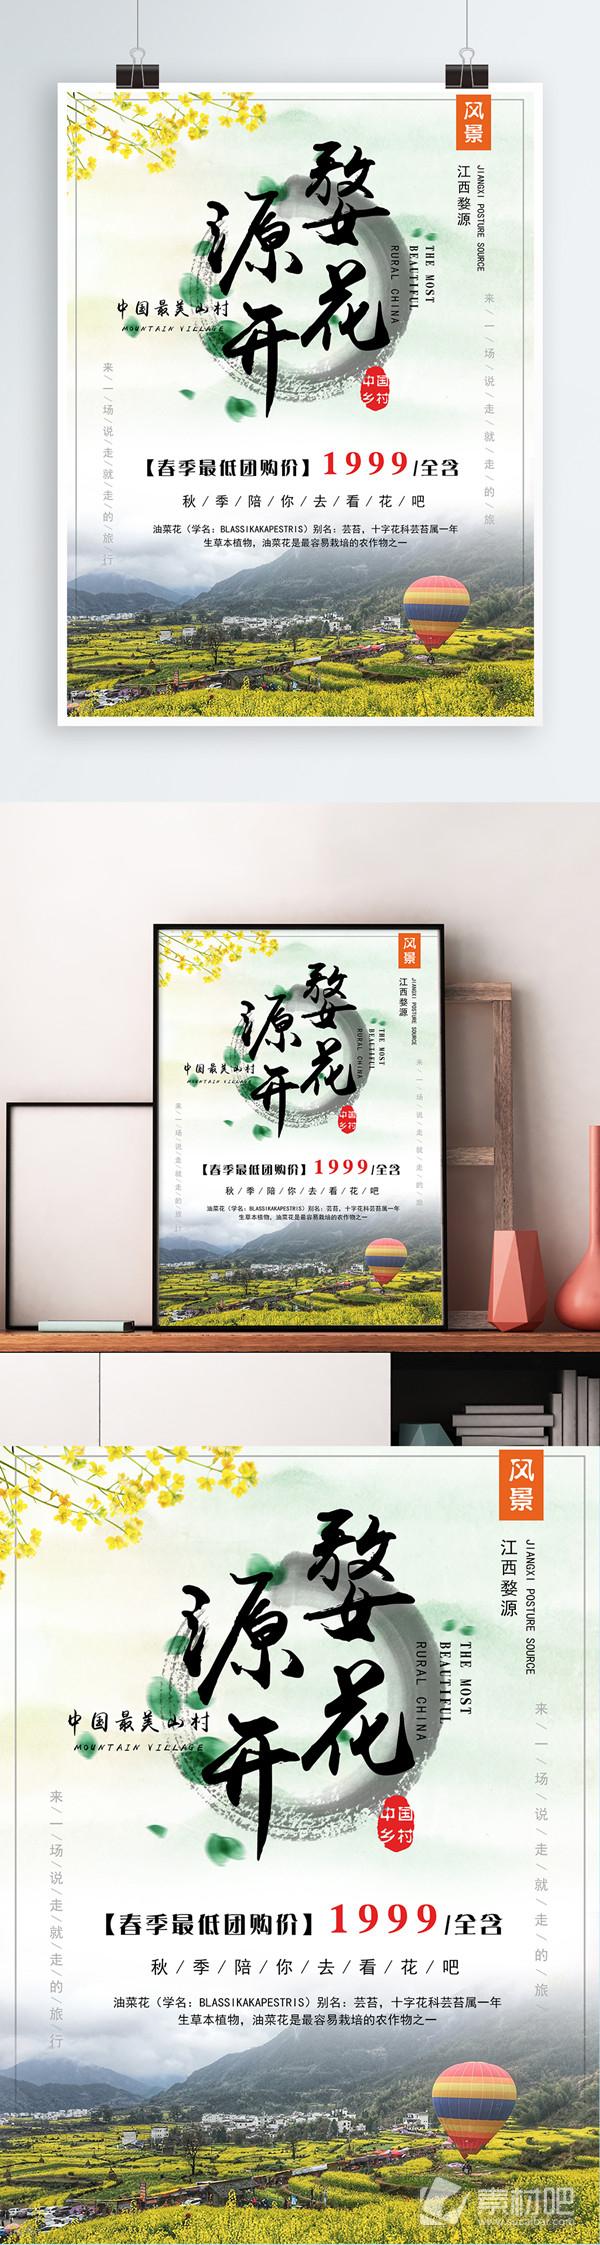 国内旅游婺源花海海报